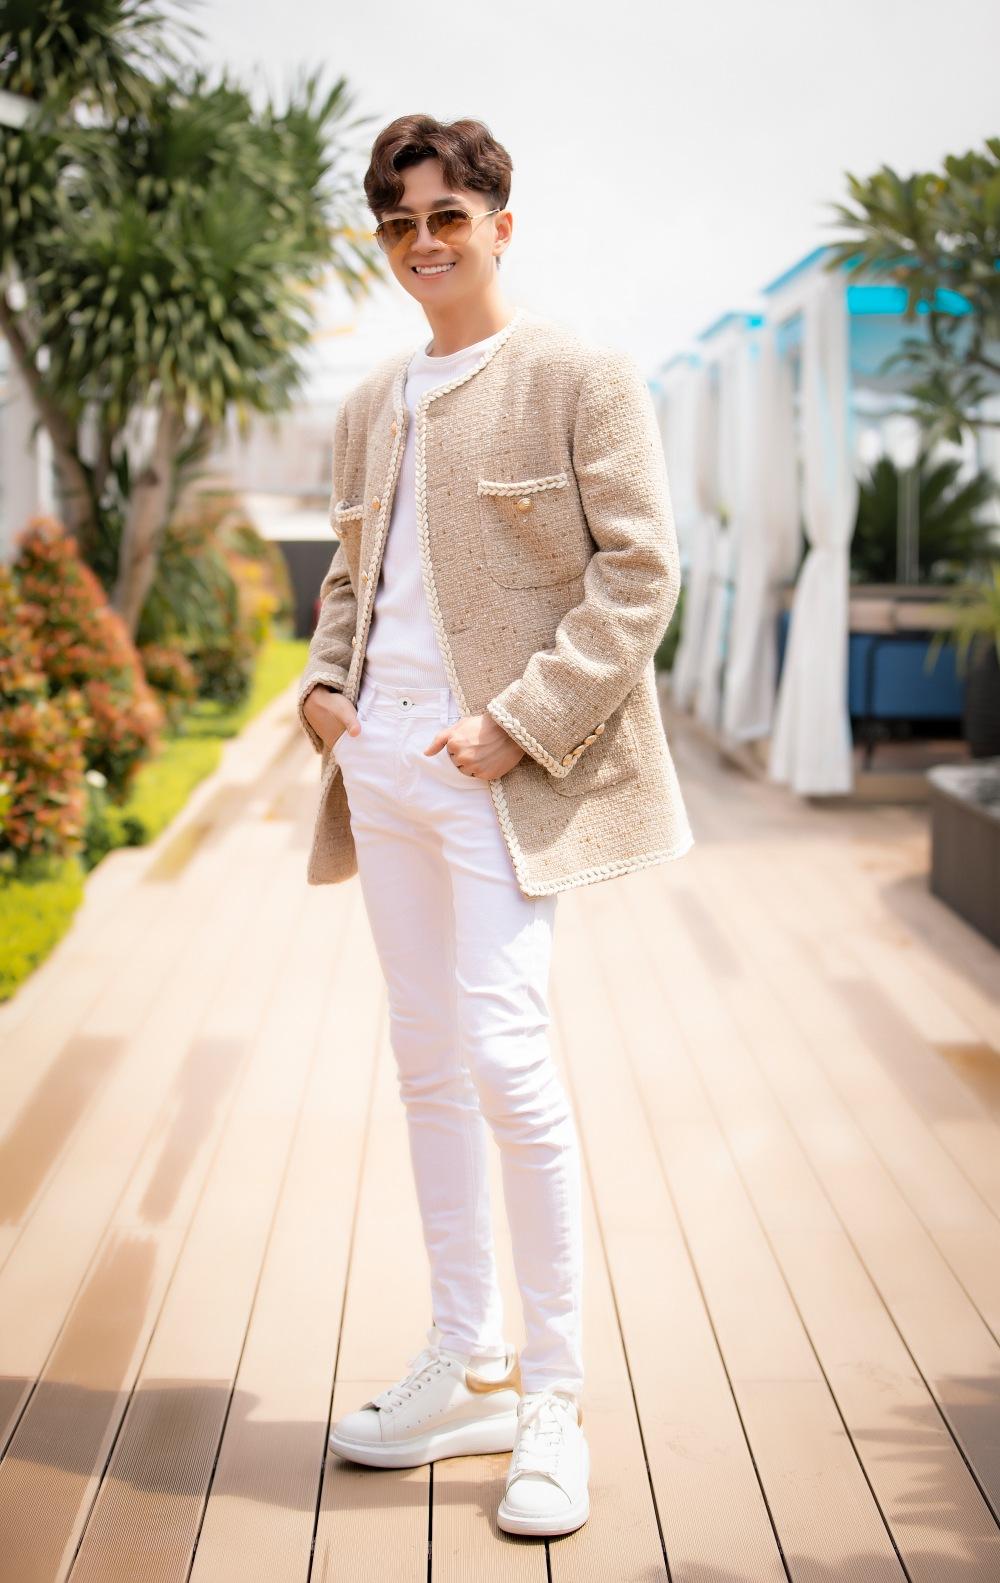 Ngô Kiến Huy xuất hiện tại buổi giới thiệu MV mới với vẻ ngoài bắt trend. Kiểu áo khoác vải tweed vốn được mặc định là đặc quyền của phái đẹp được nhiều mỹ nam Vbiz lăng xê thời gian qua được Ngô Kiến Huy chọn diện.